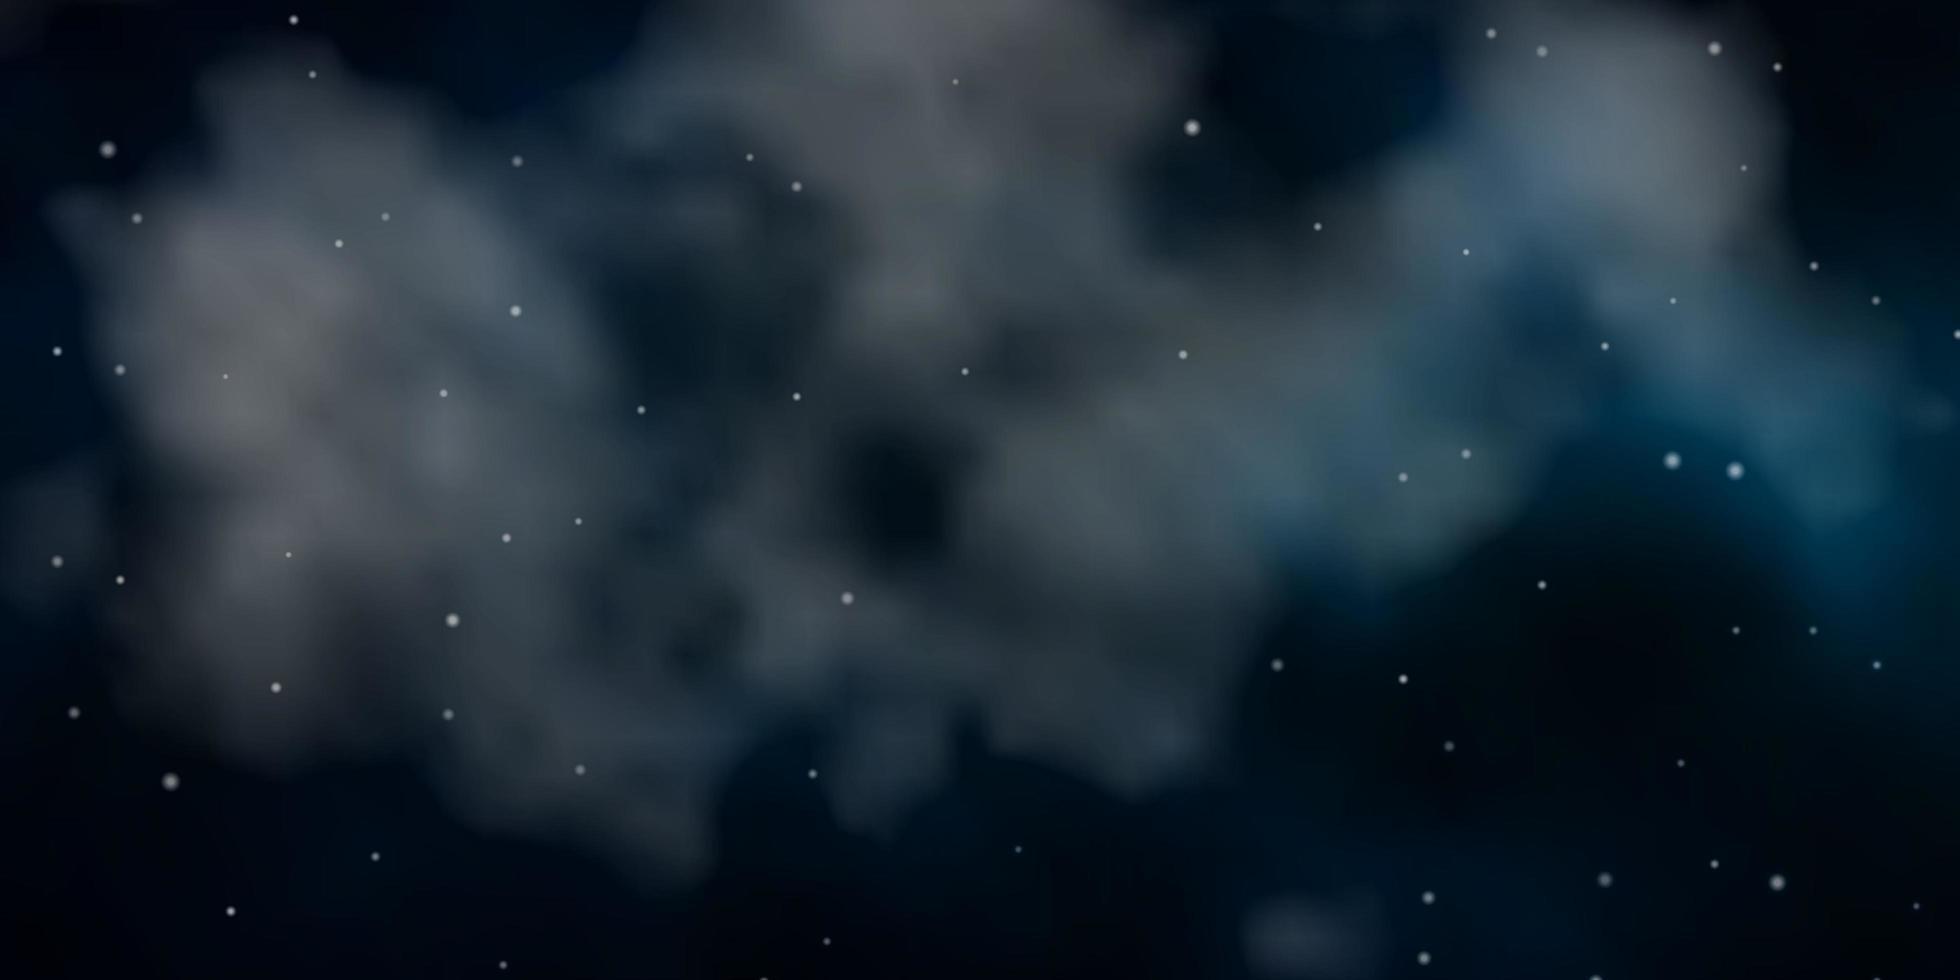 donkergroene vector achtergrond met kleine en grote sterren.